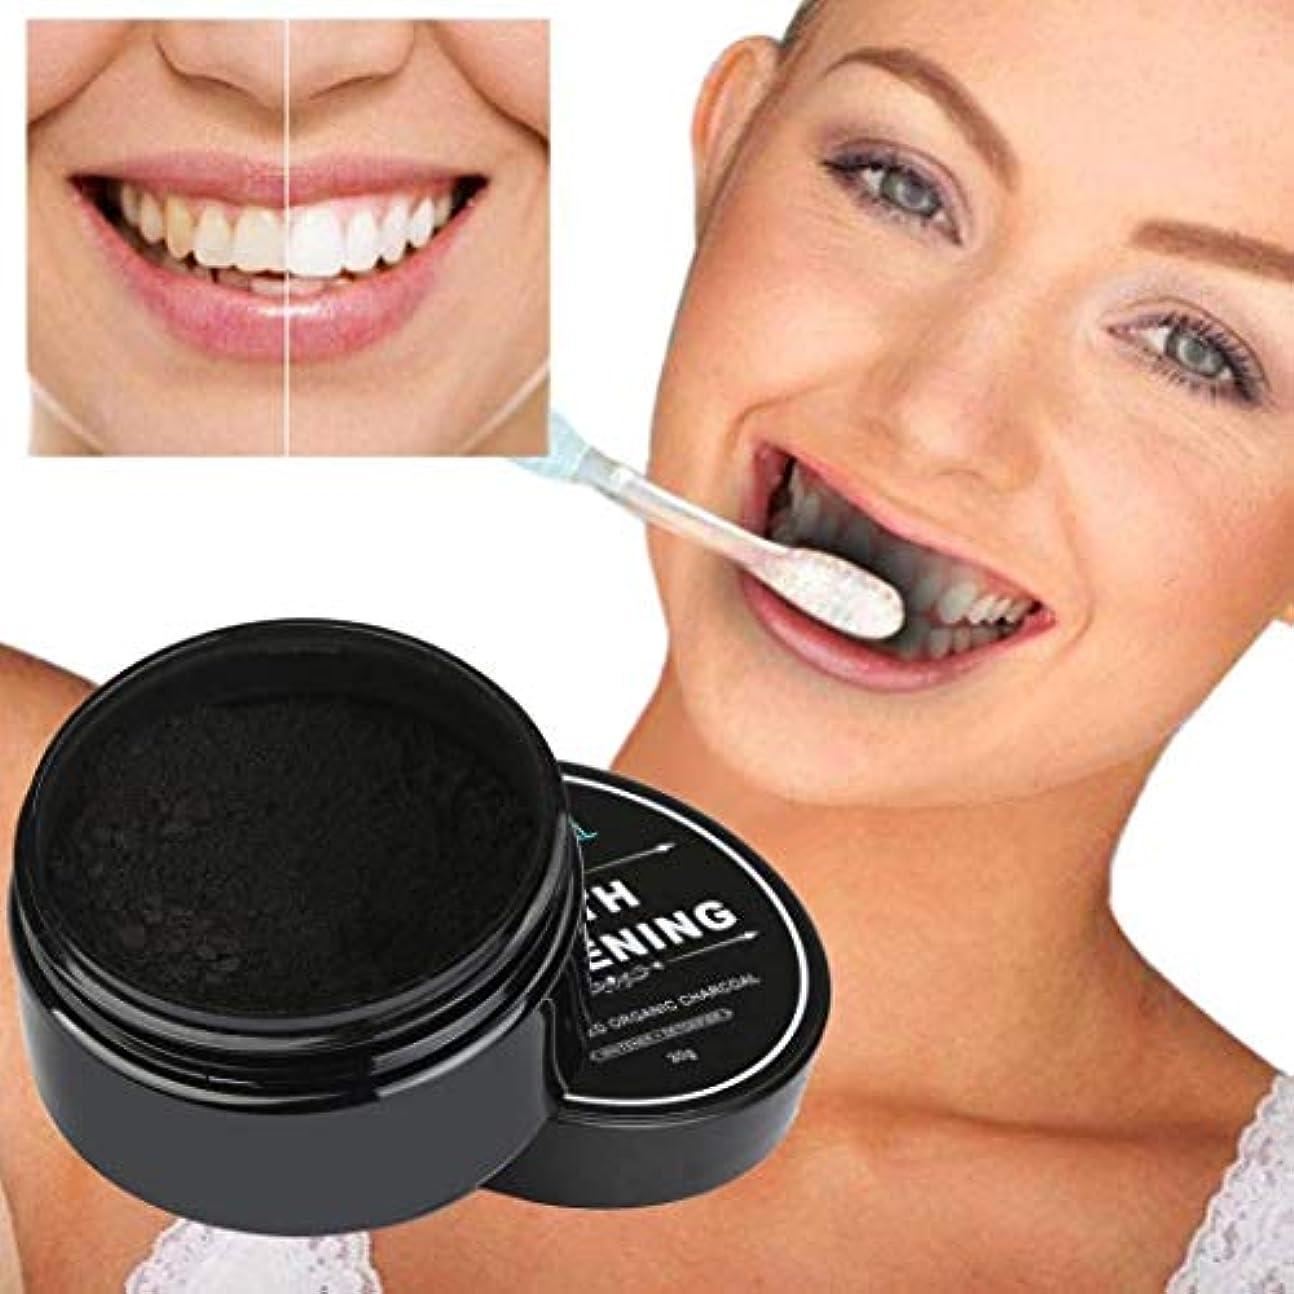 Ggorw 歯のホワイトニング 竹炭 美白歯磨きパウダー オーラルケア ハミガキ粉 ホワイトニング活性炭 口臭消去